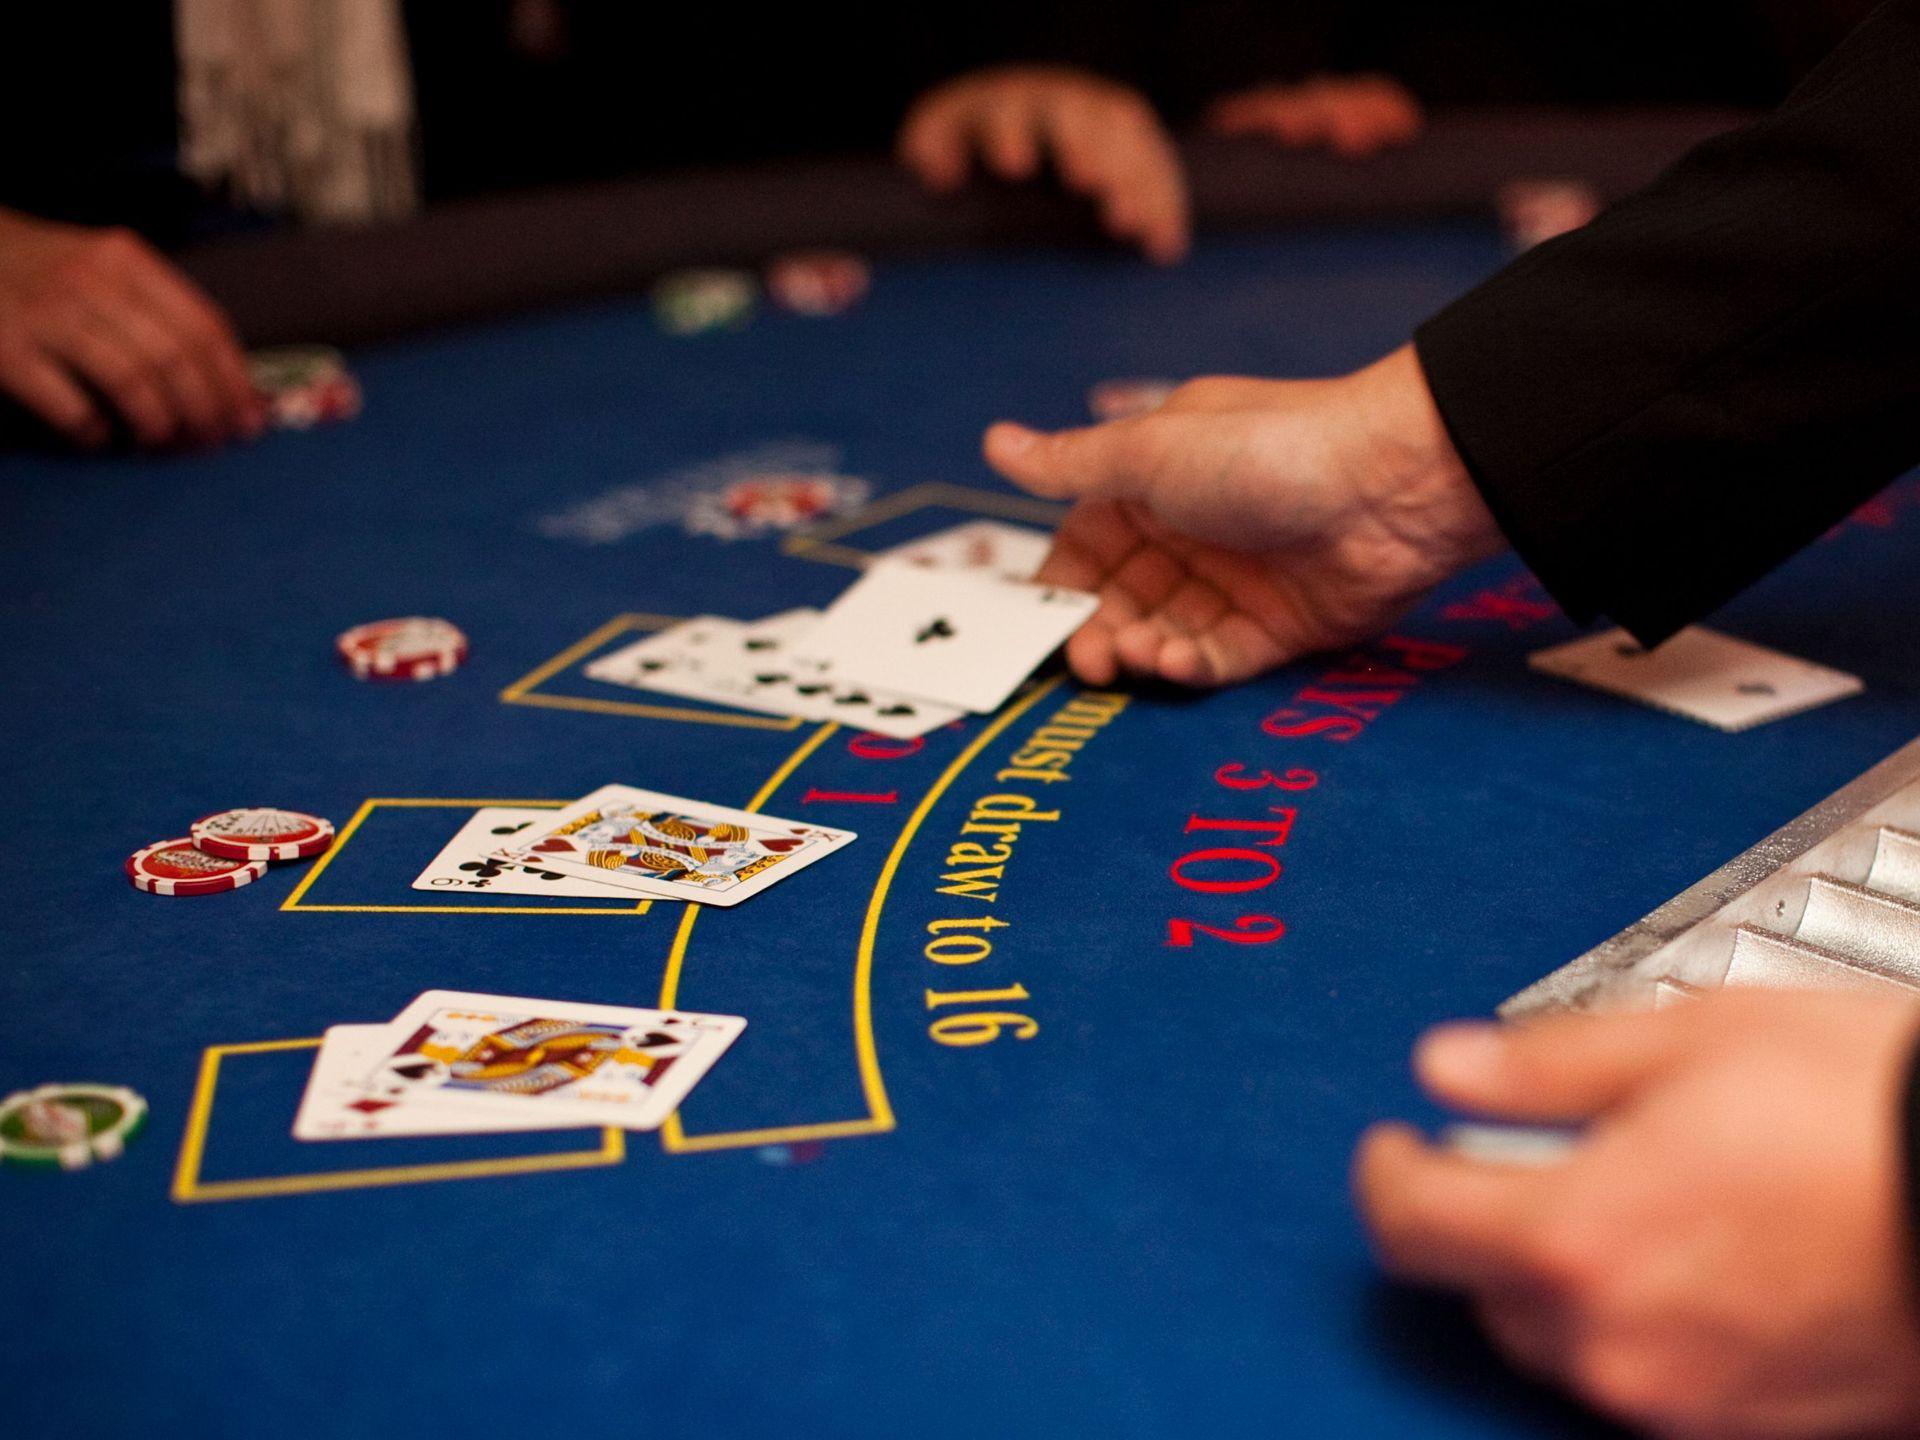 Blackjack gratuit: comment faire?